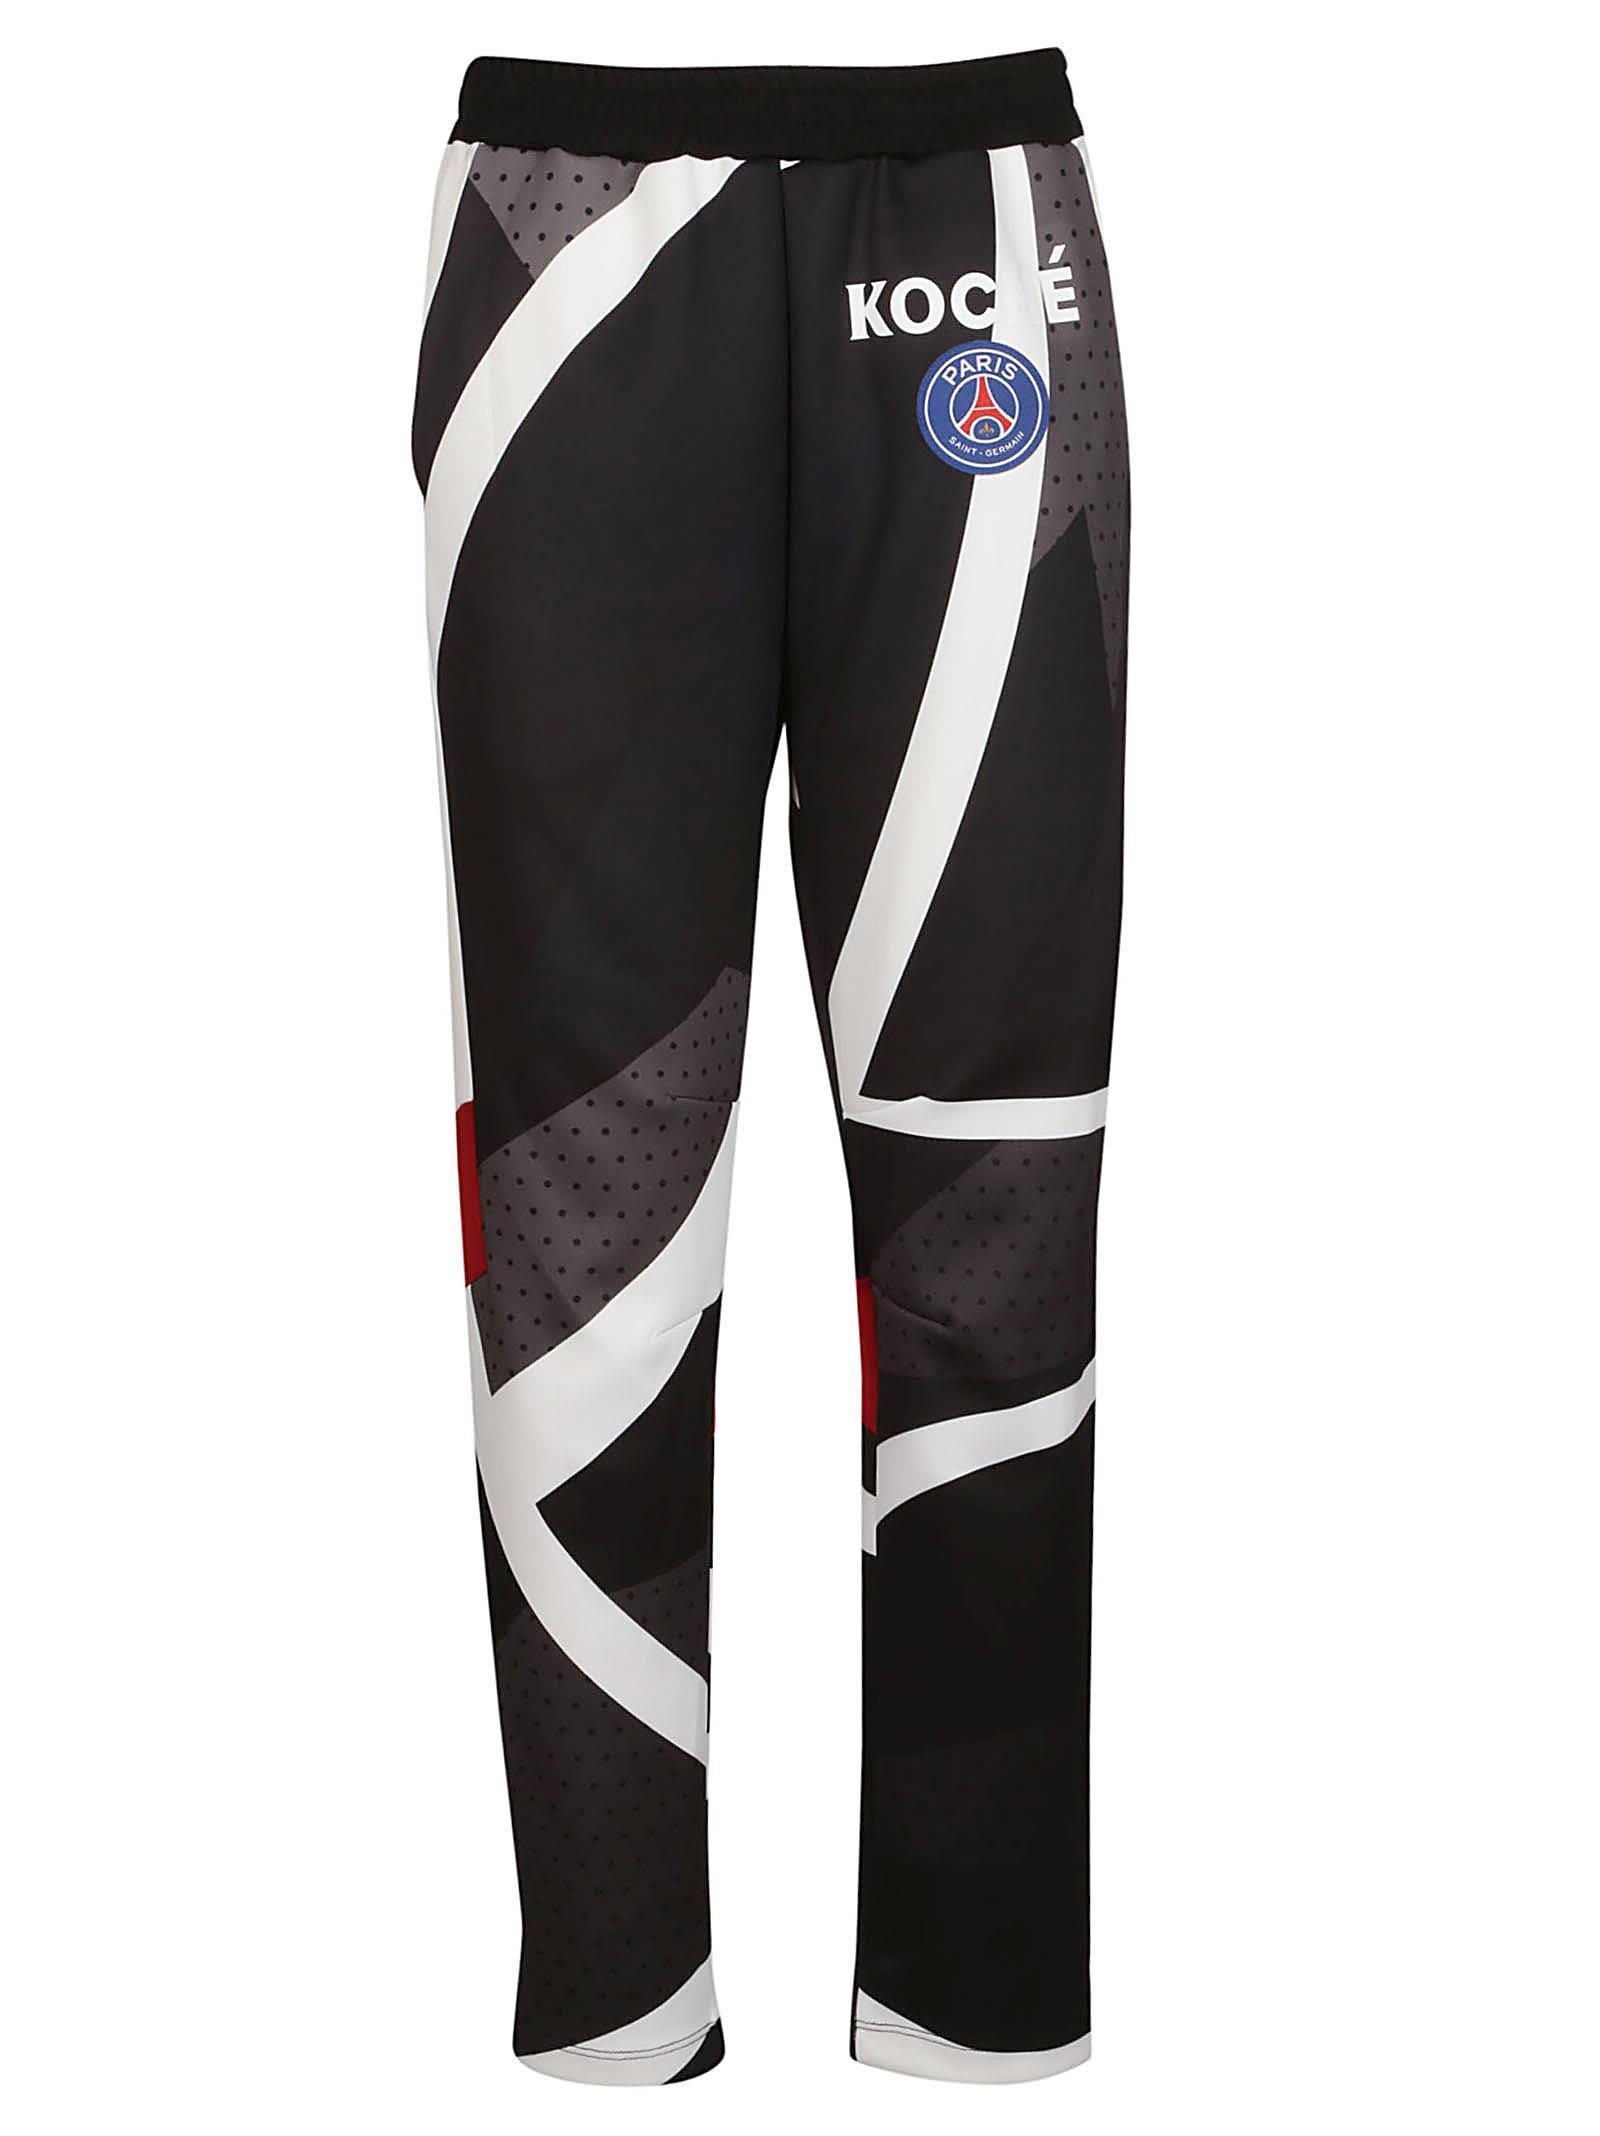 Koché Printed Track Pants